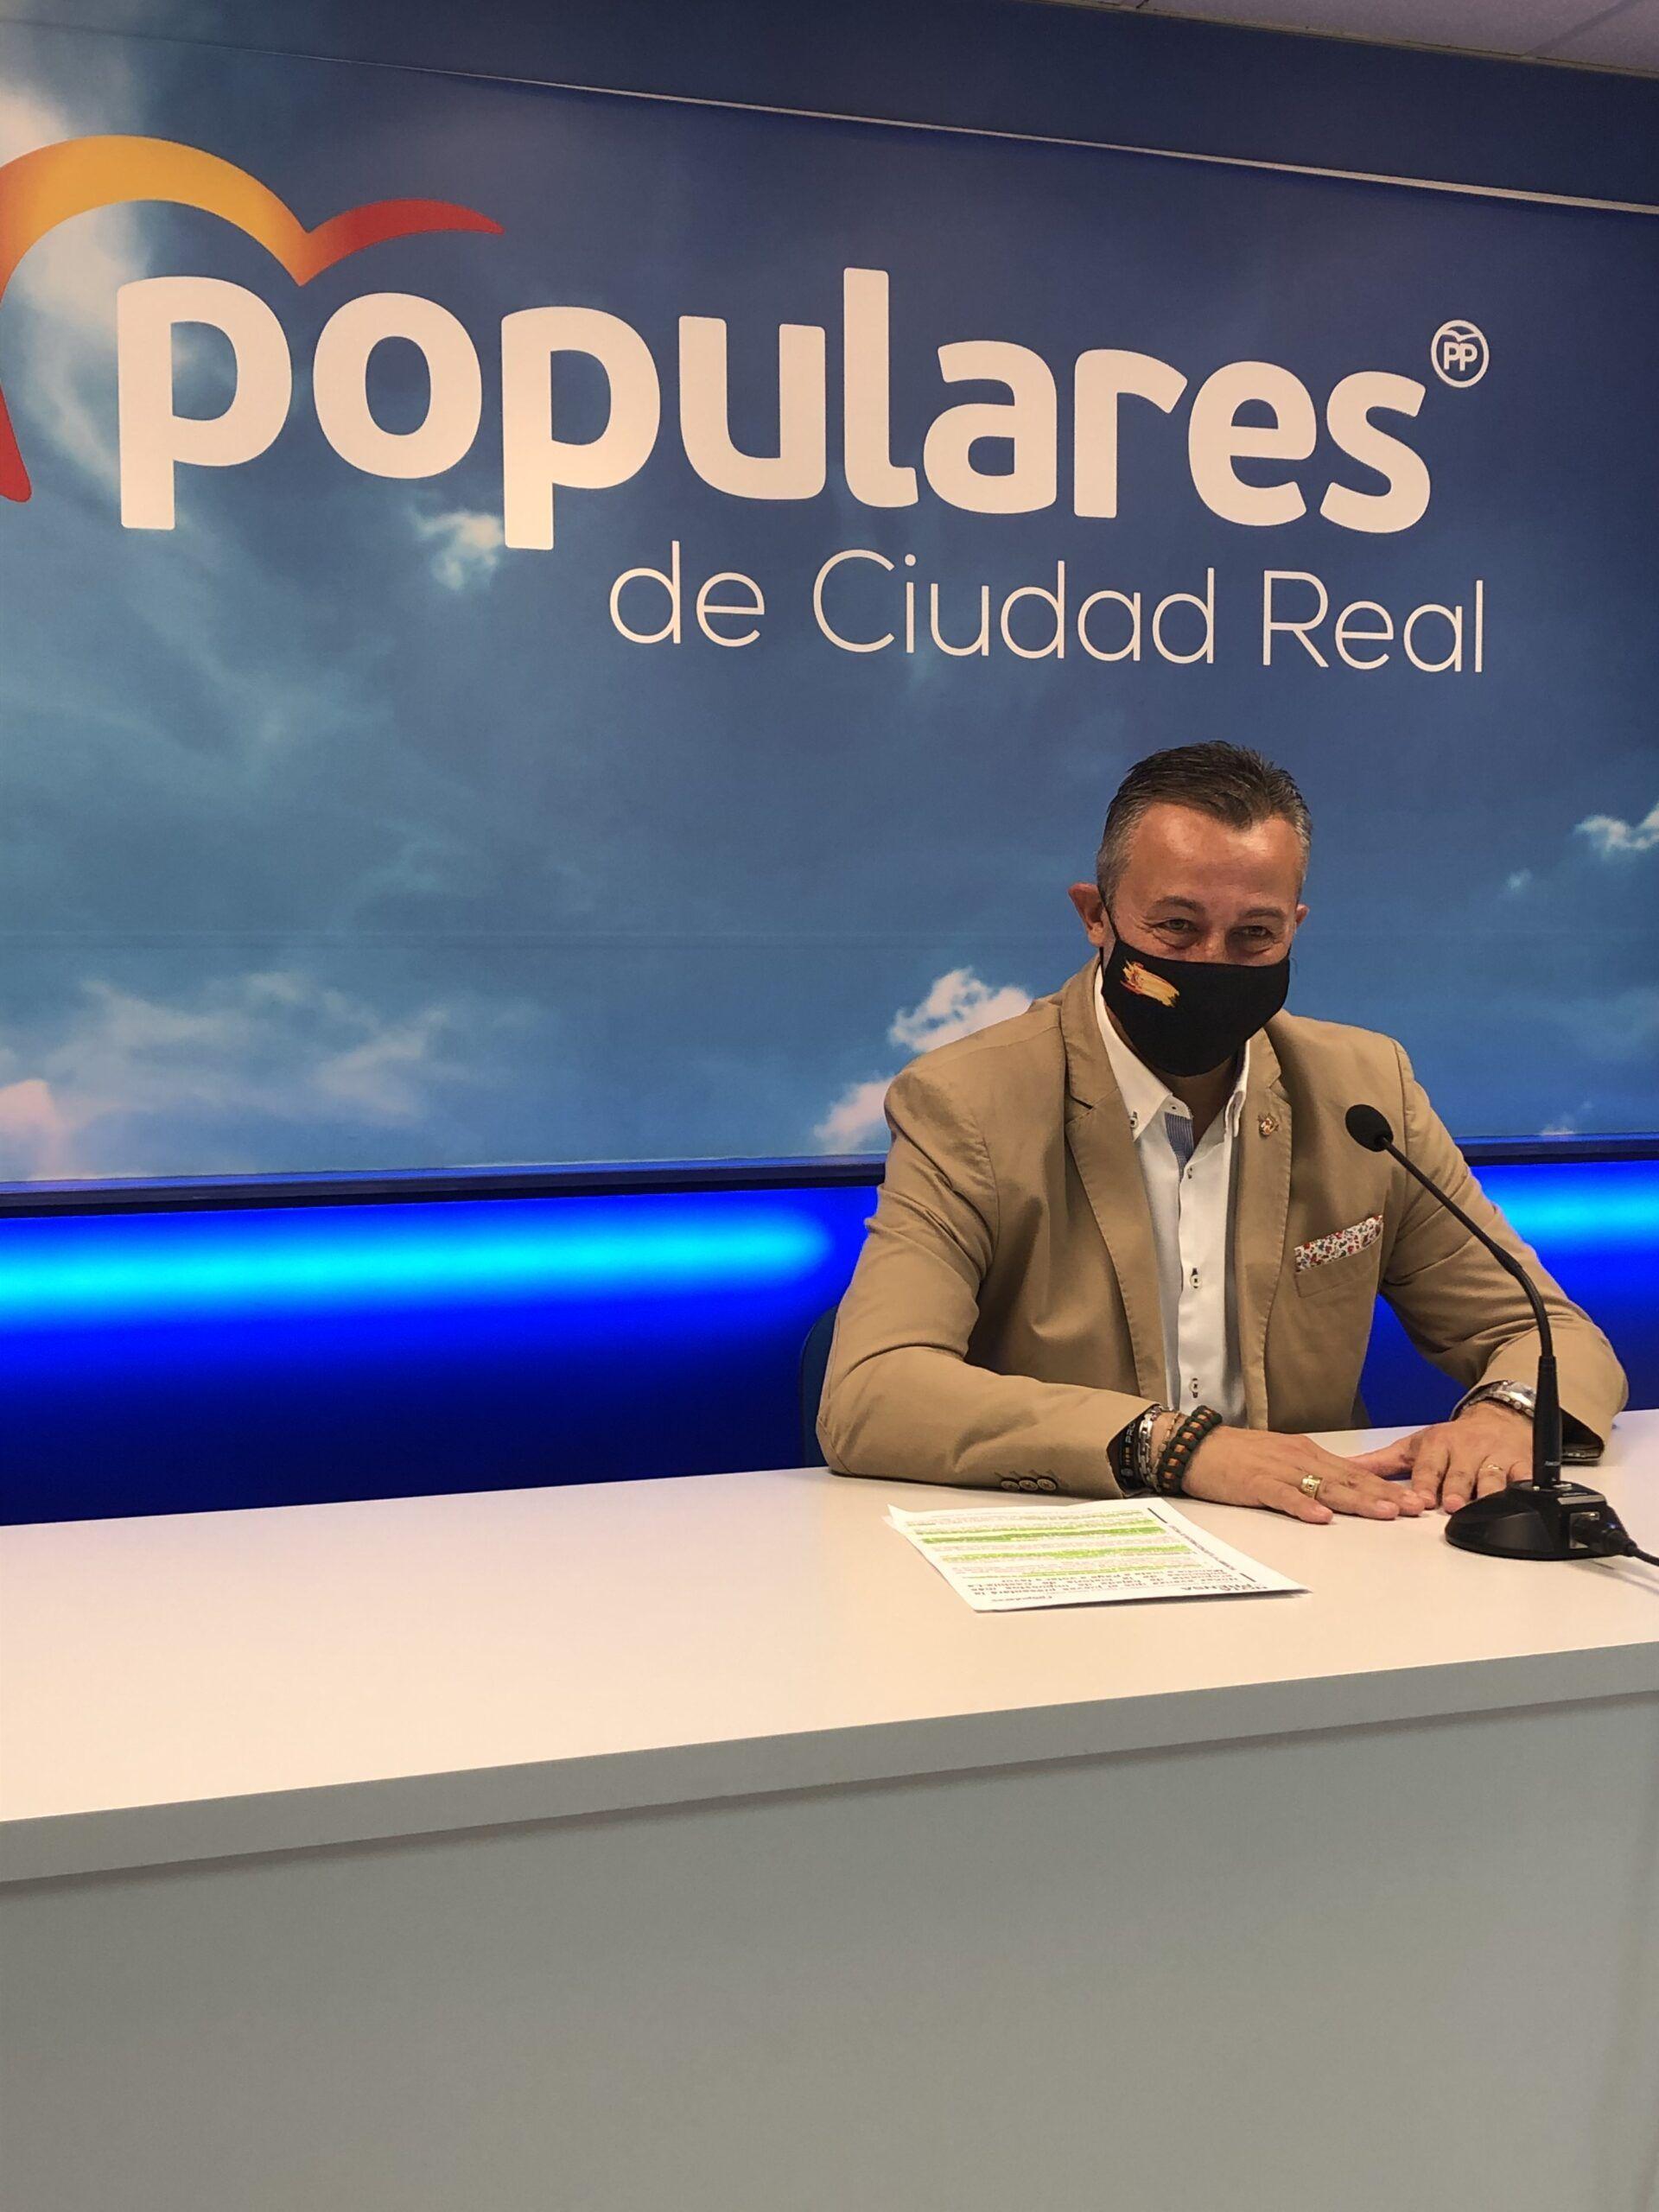 Fernández denuncia que frente a un Page que cada vez sangra más con impuestos a los castellano-manchegos, Núñez propone una bajada de impuestos histórica en la región